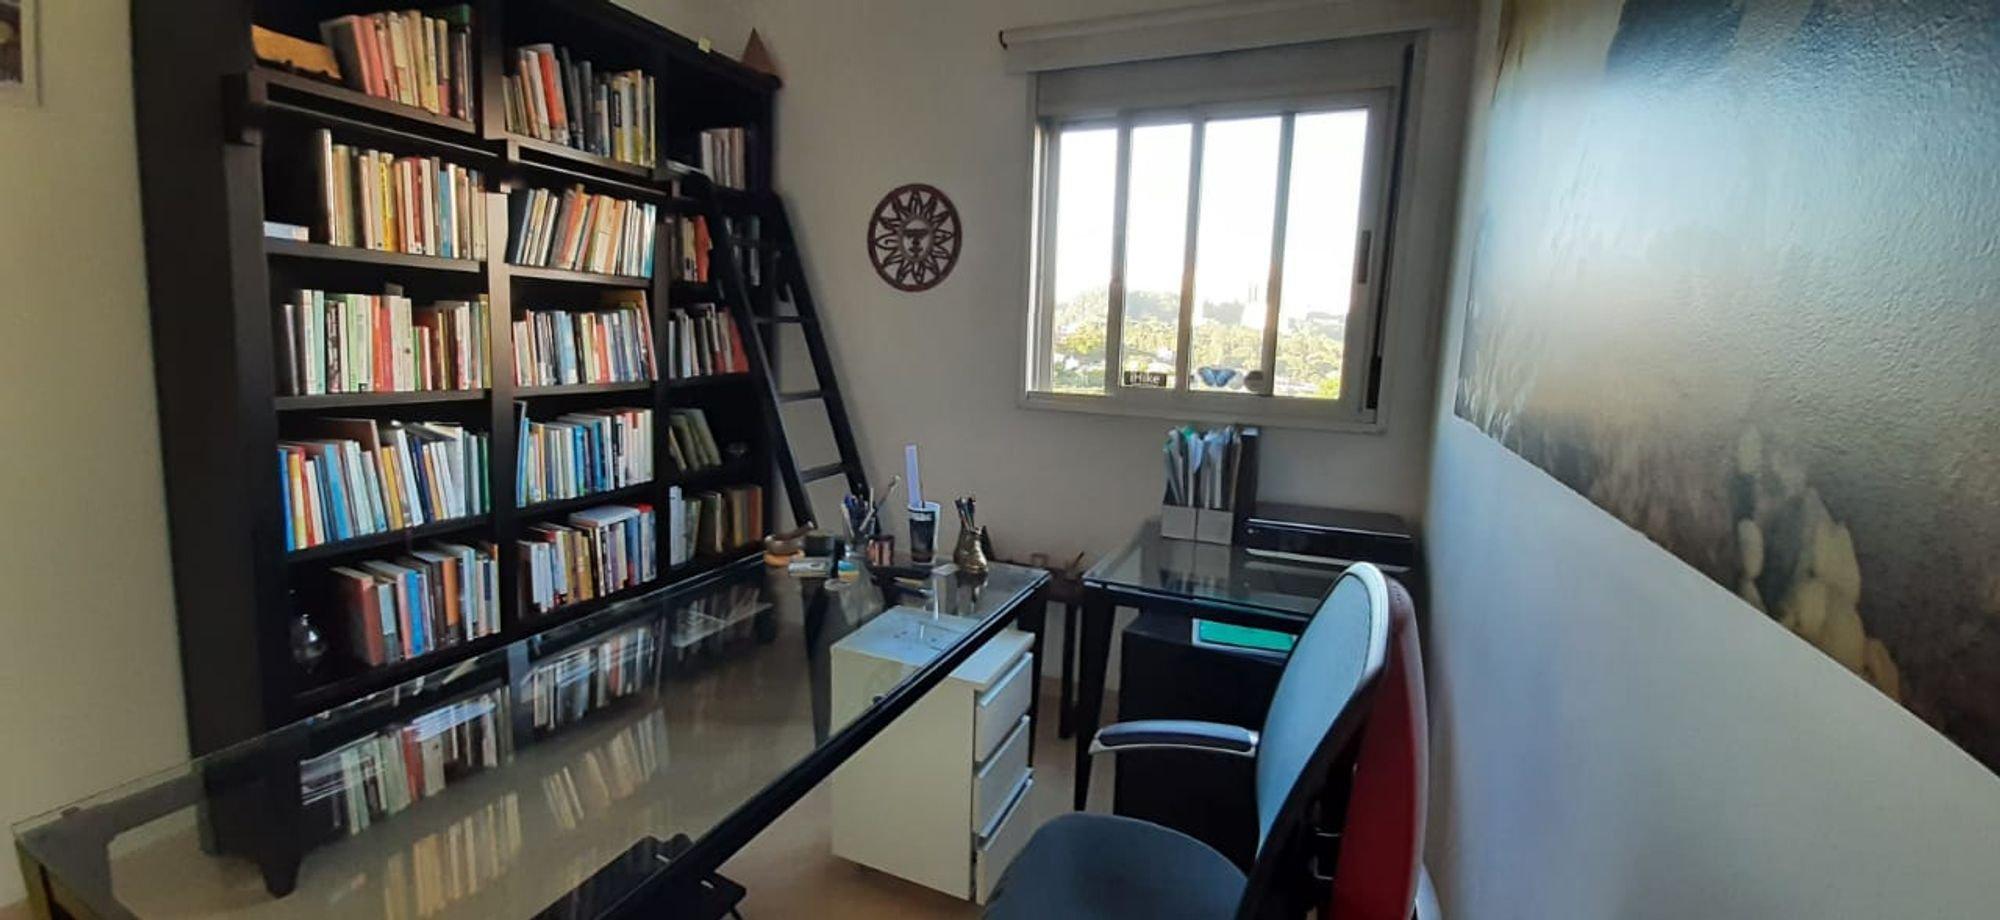 Foto de Sala com relógio, garrafa, cadeira, livro